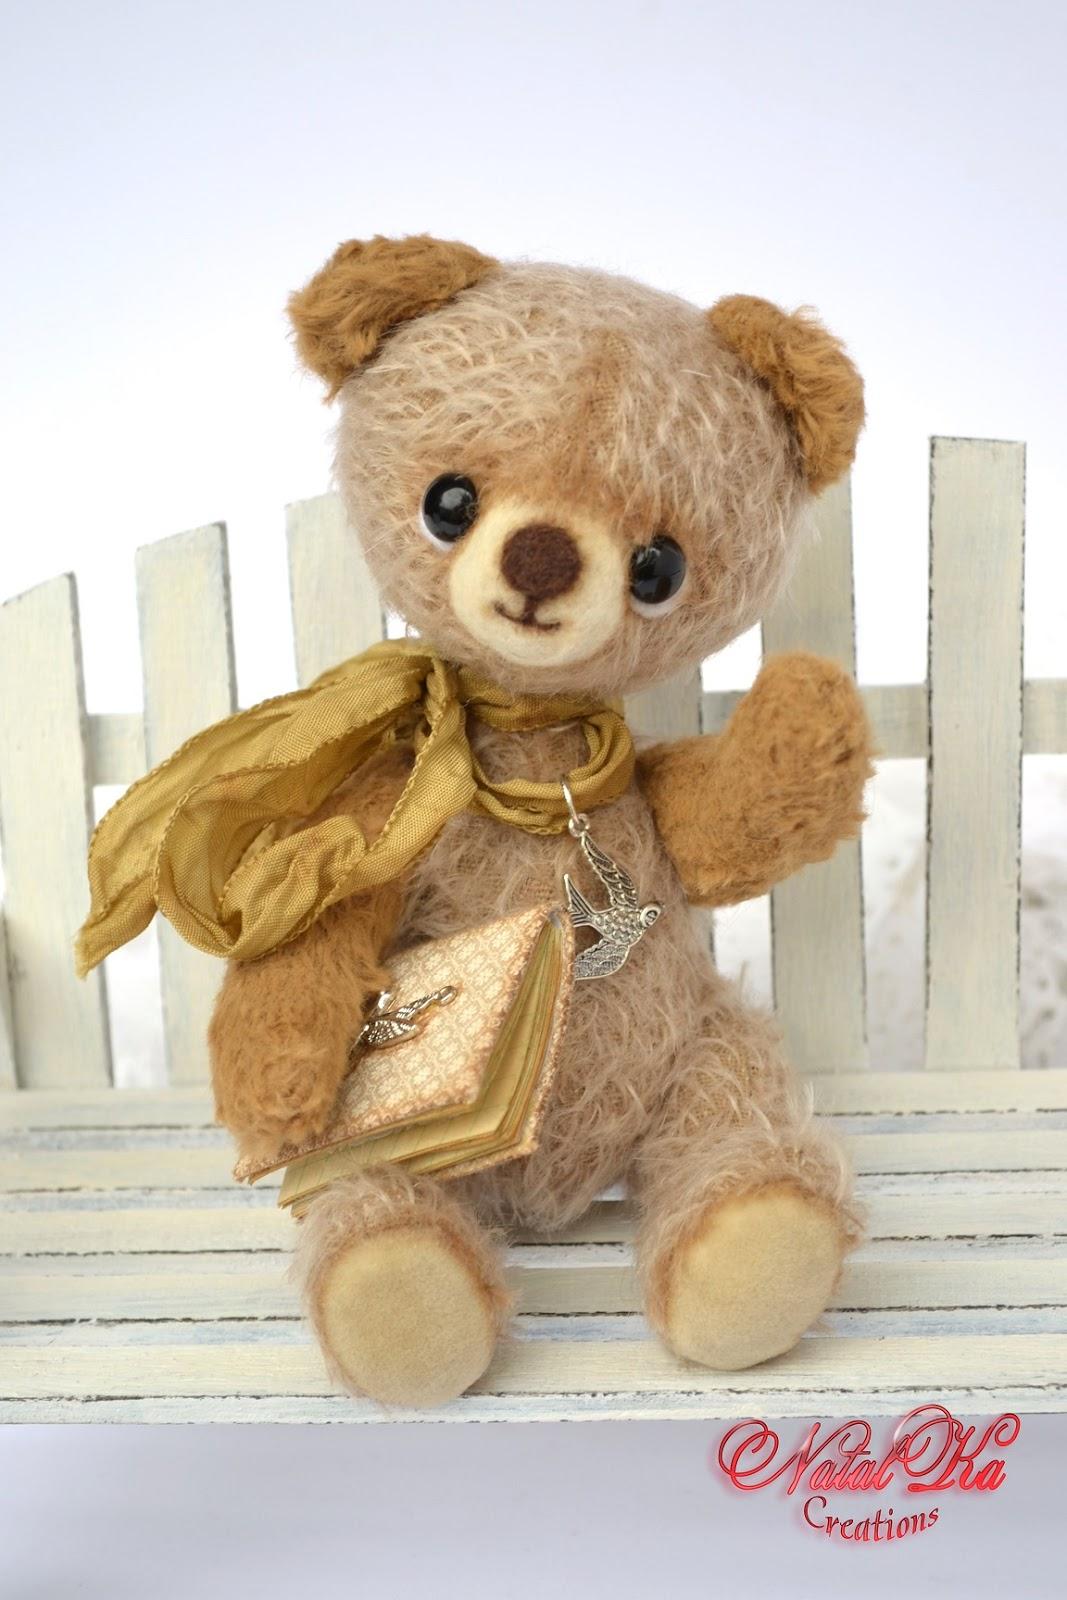 Künstlerbär teddybär Bär Teddy Unikat handgemacht aus Mohair von NatalKa Creations. Artist teddy bear ooak handmade from mohair by NatalKa Creations